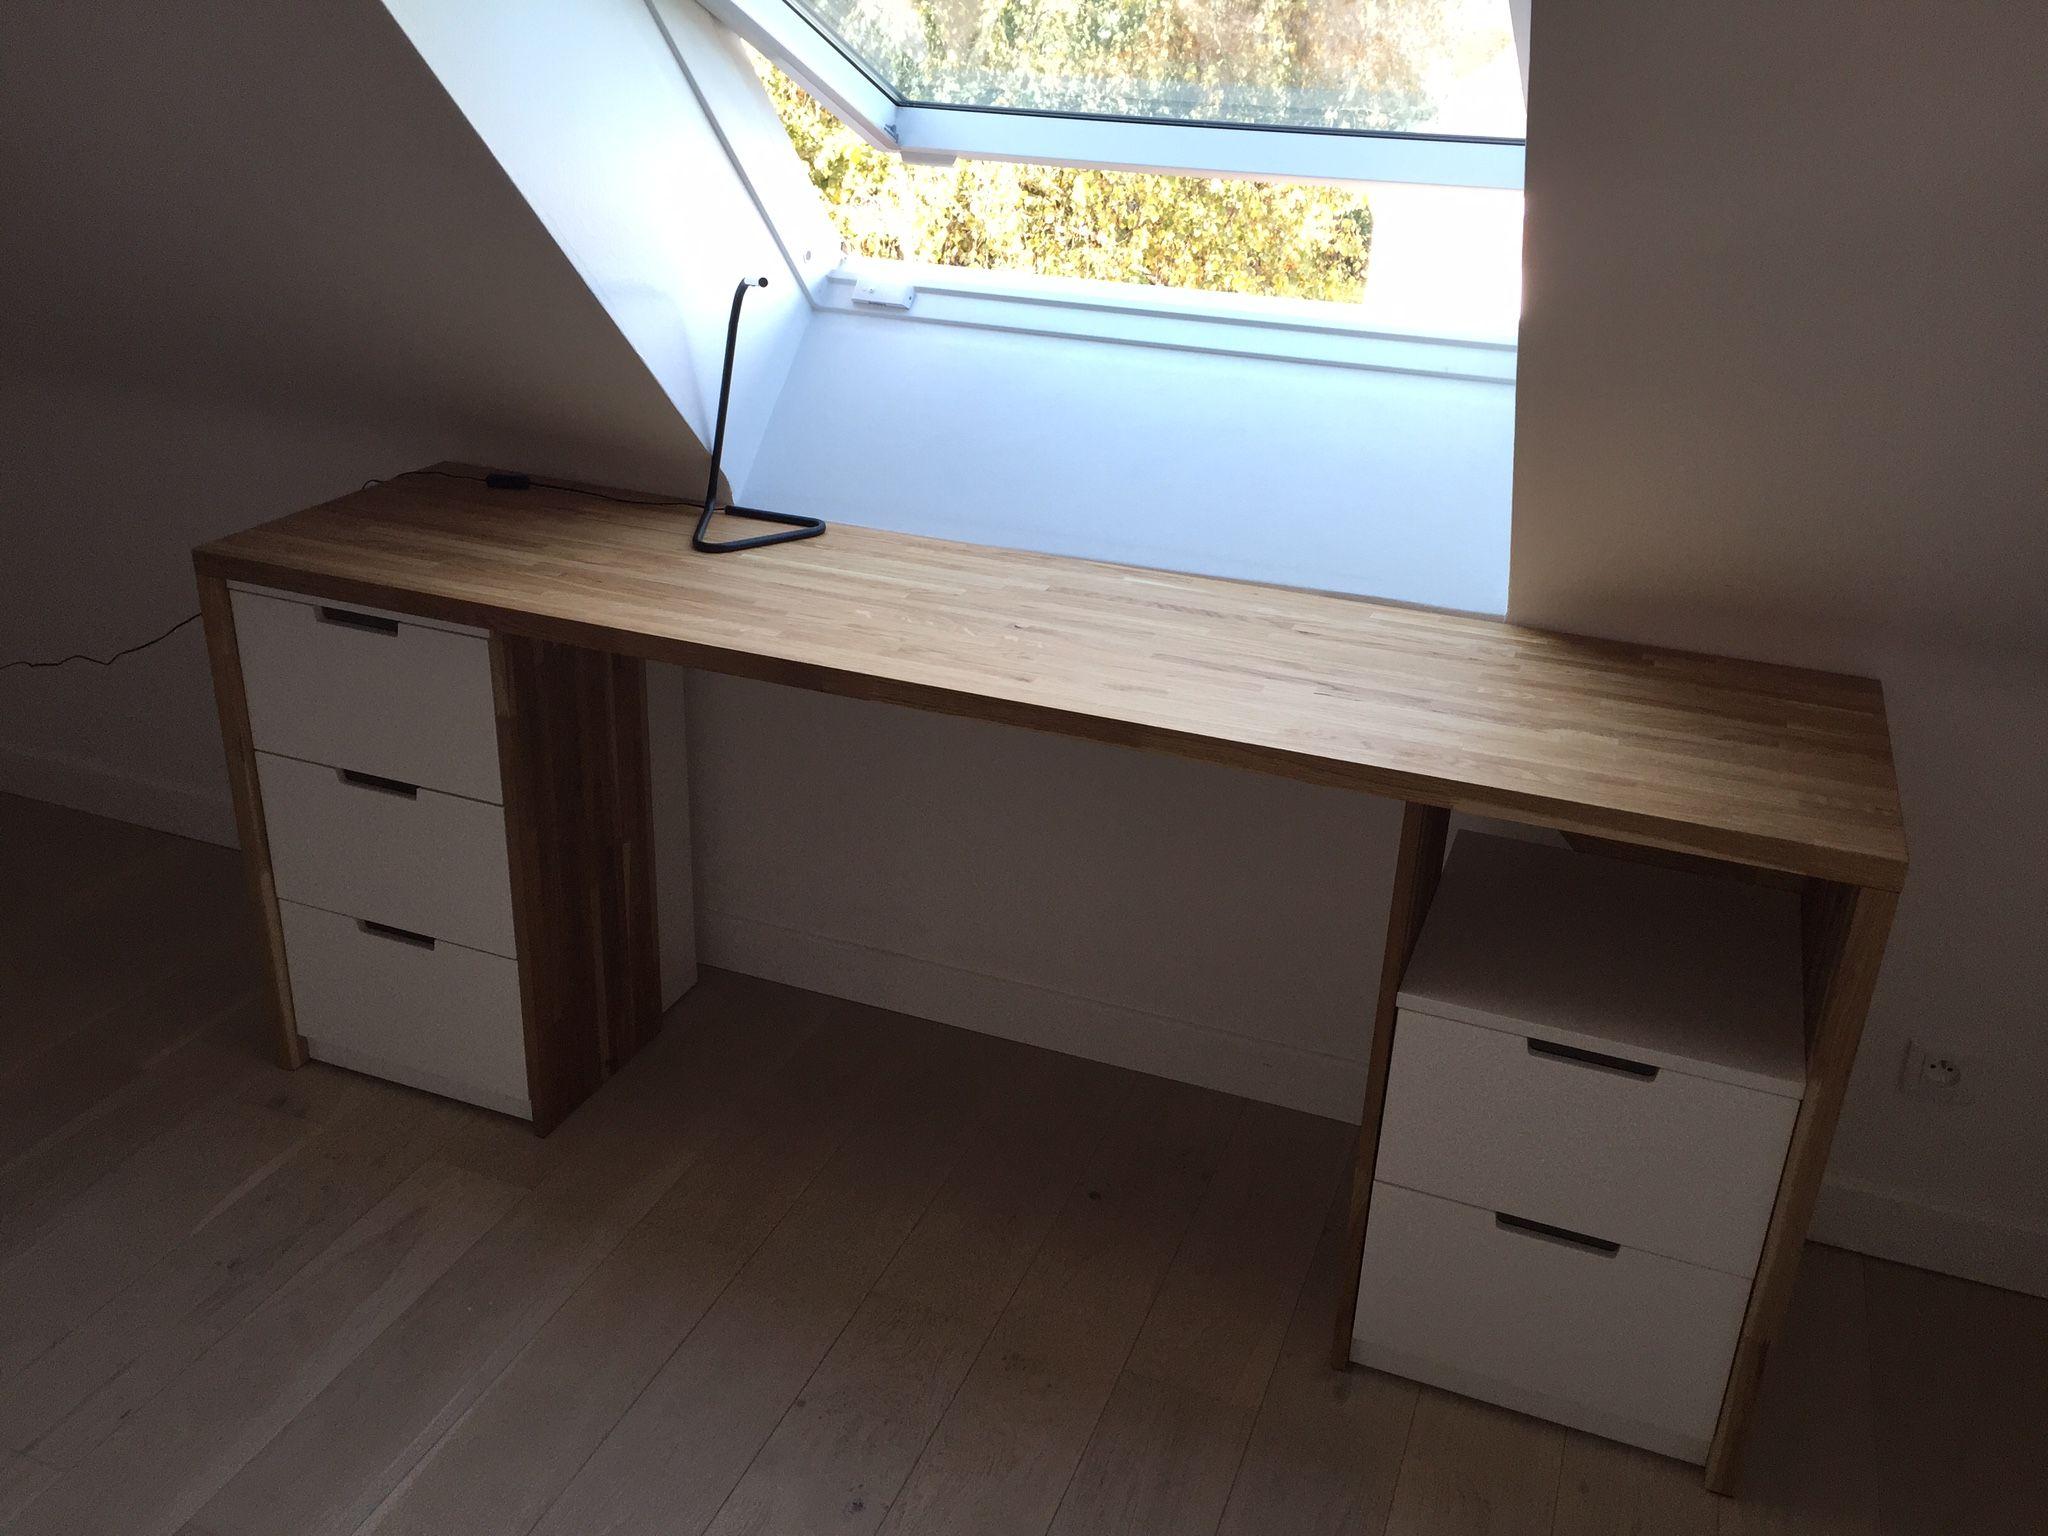 Bureau Plan De Travail création bureau: plan de travail et meubles ikéa | mobilier